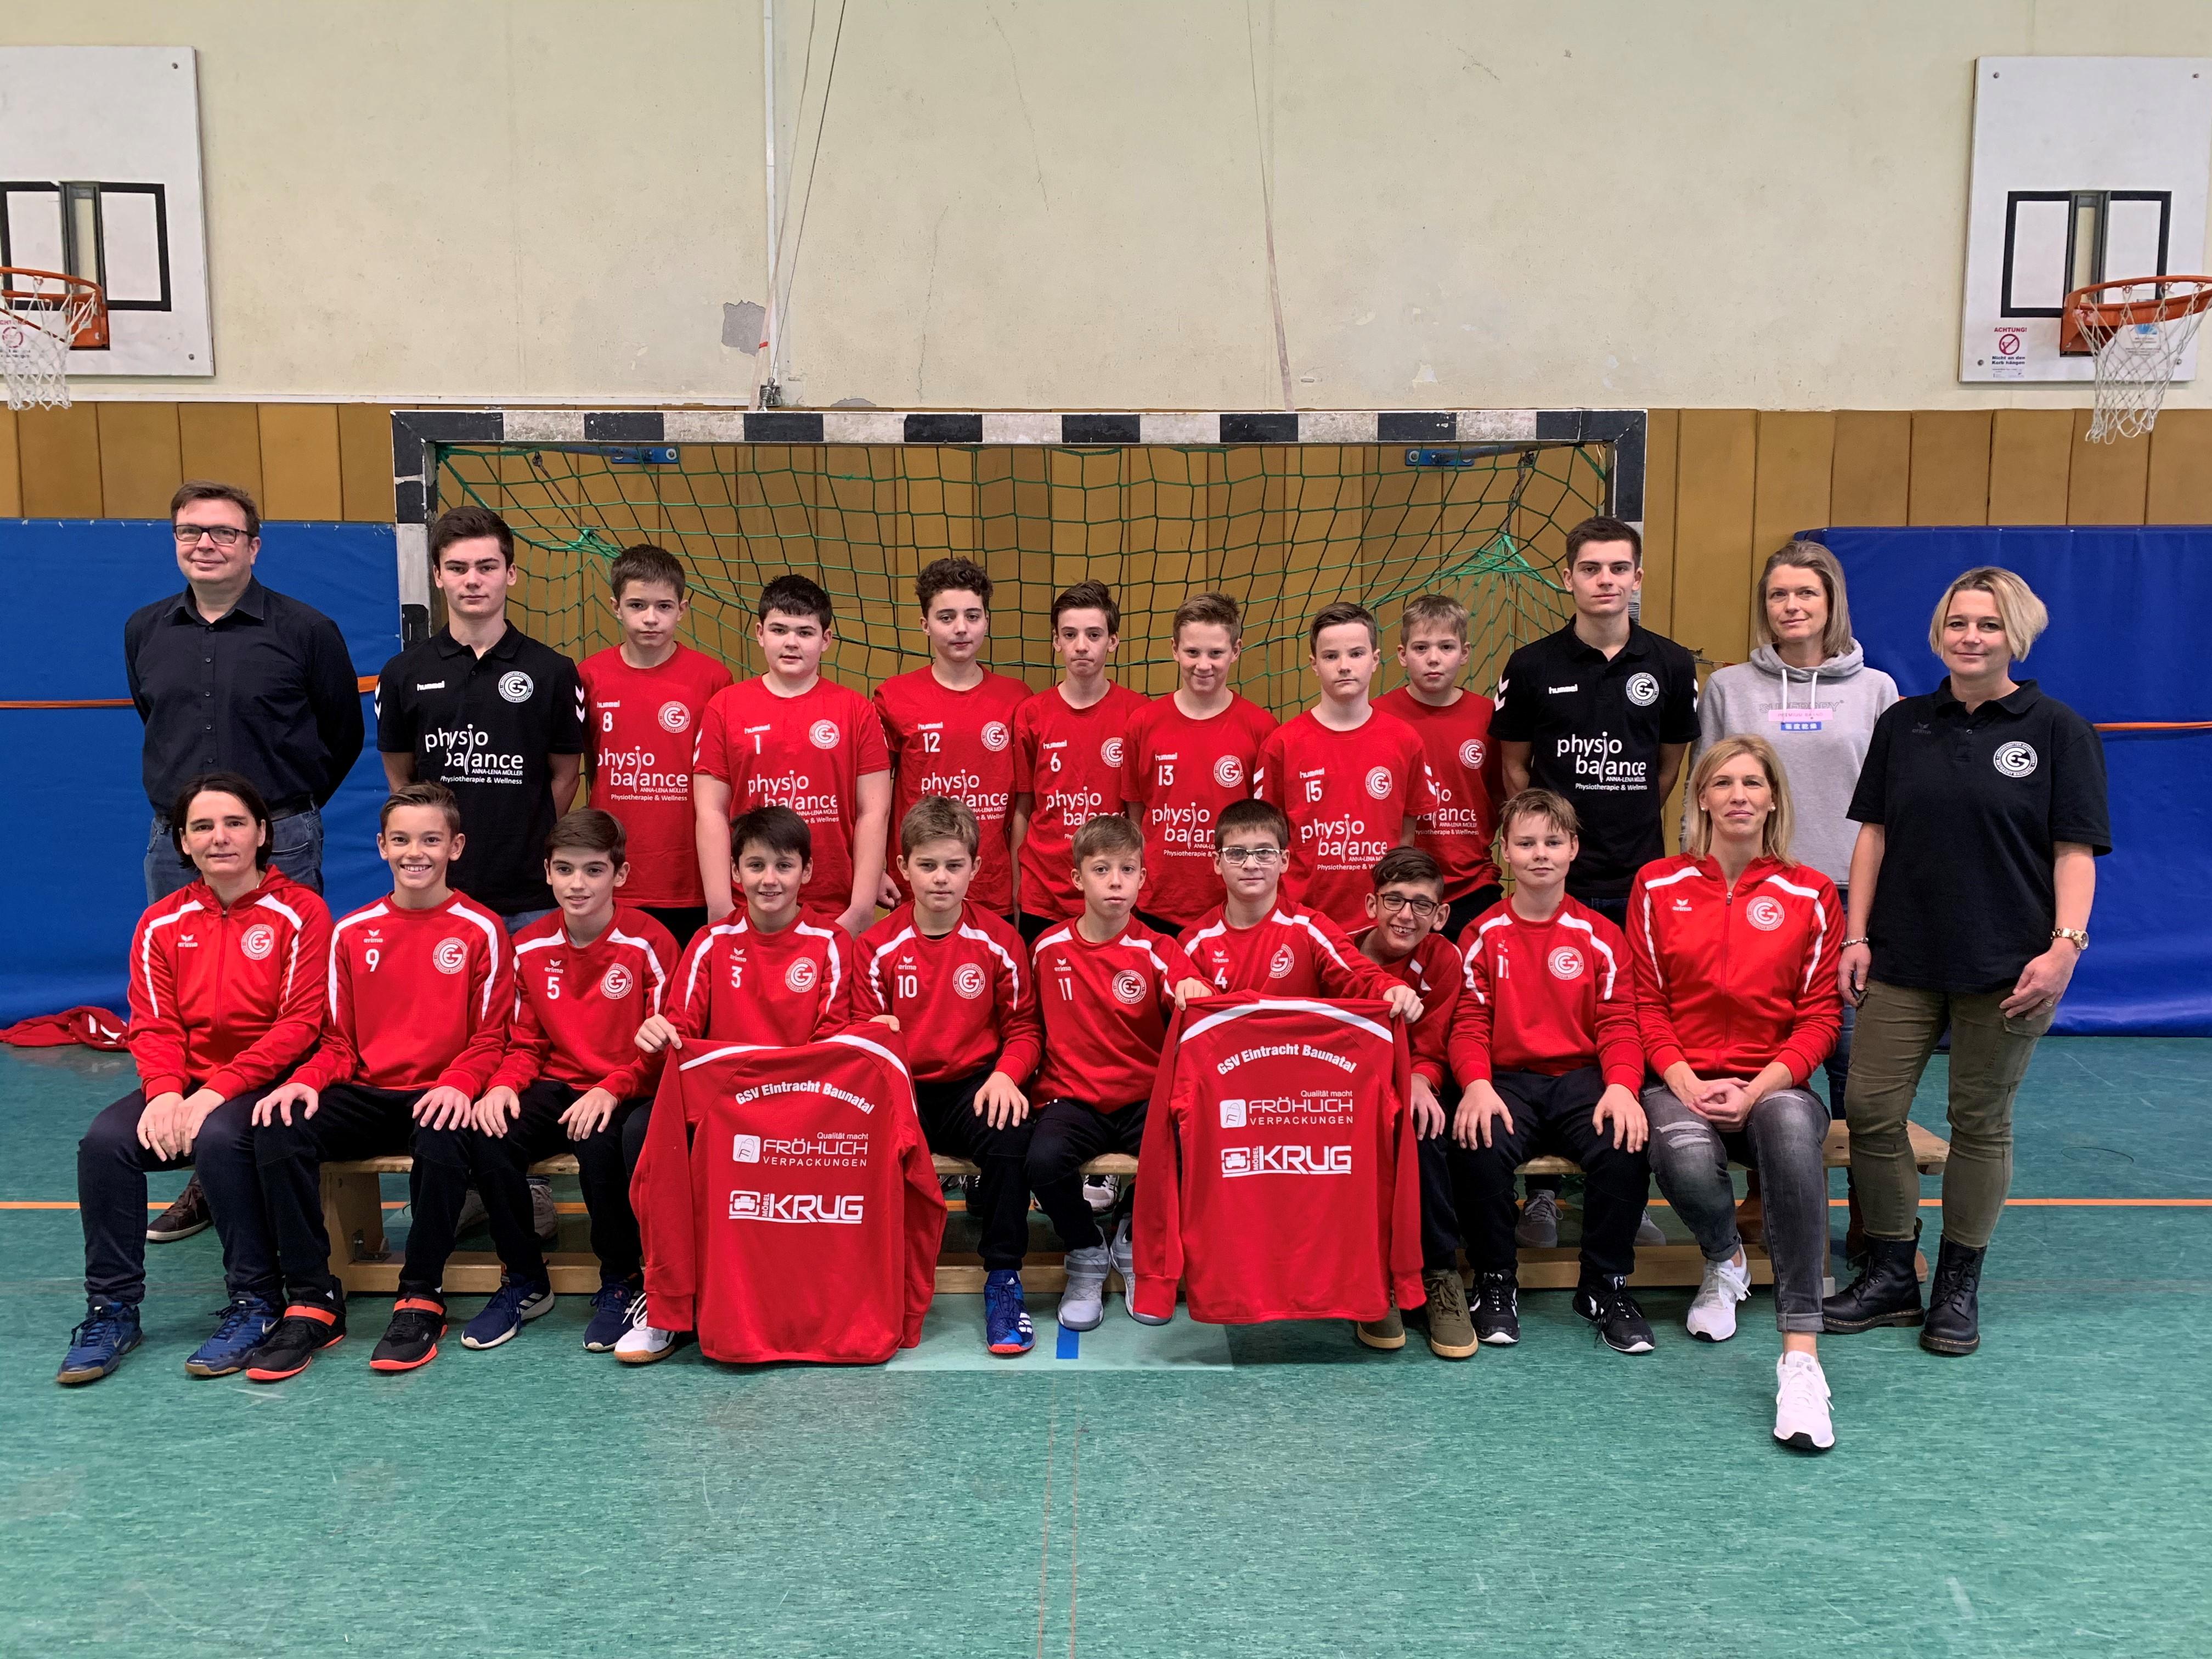 MJC2 - Mannschaft mit Sponsoren 2019